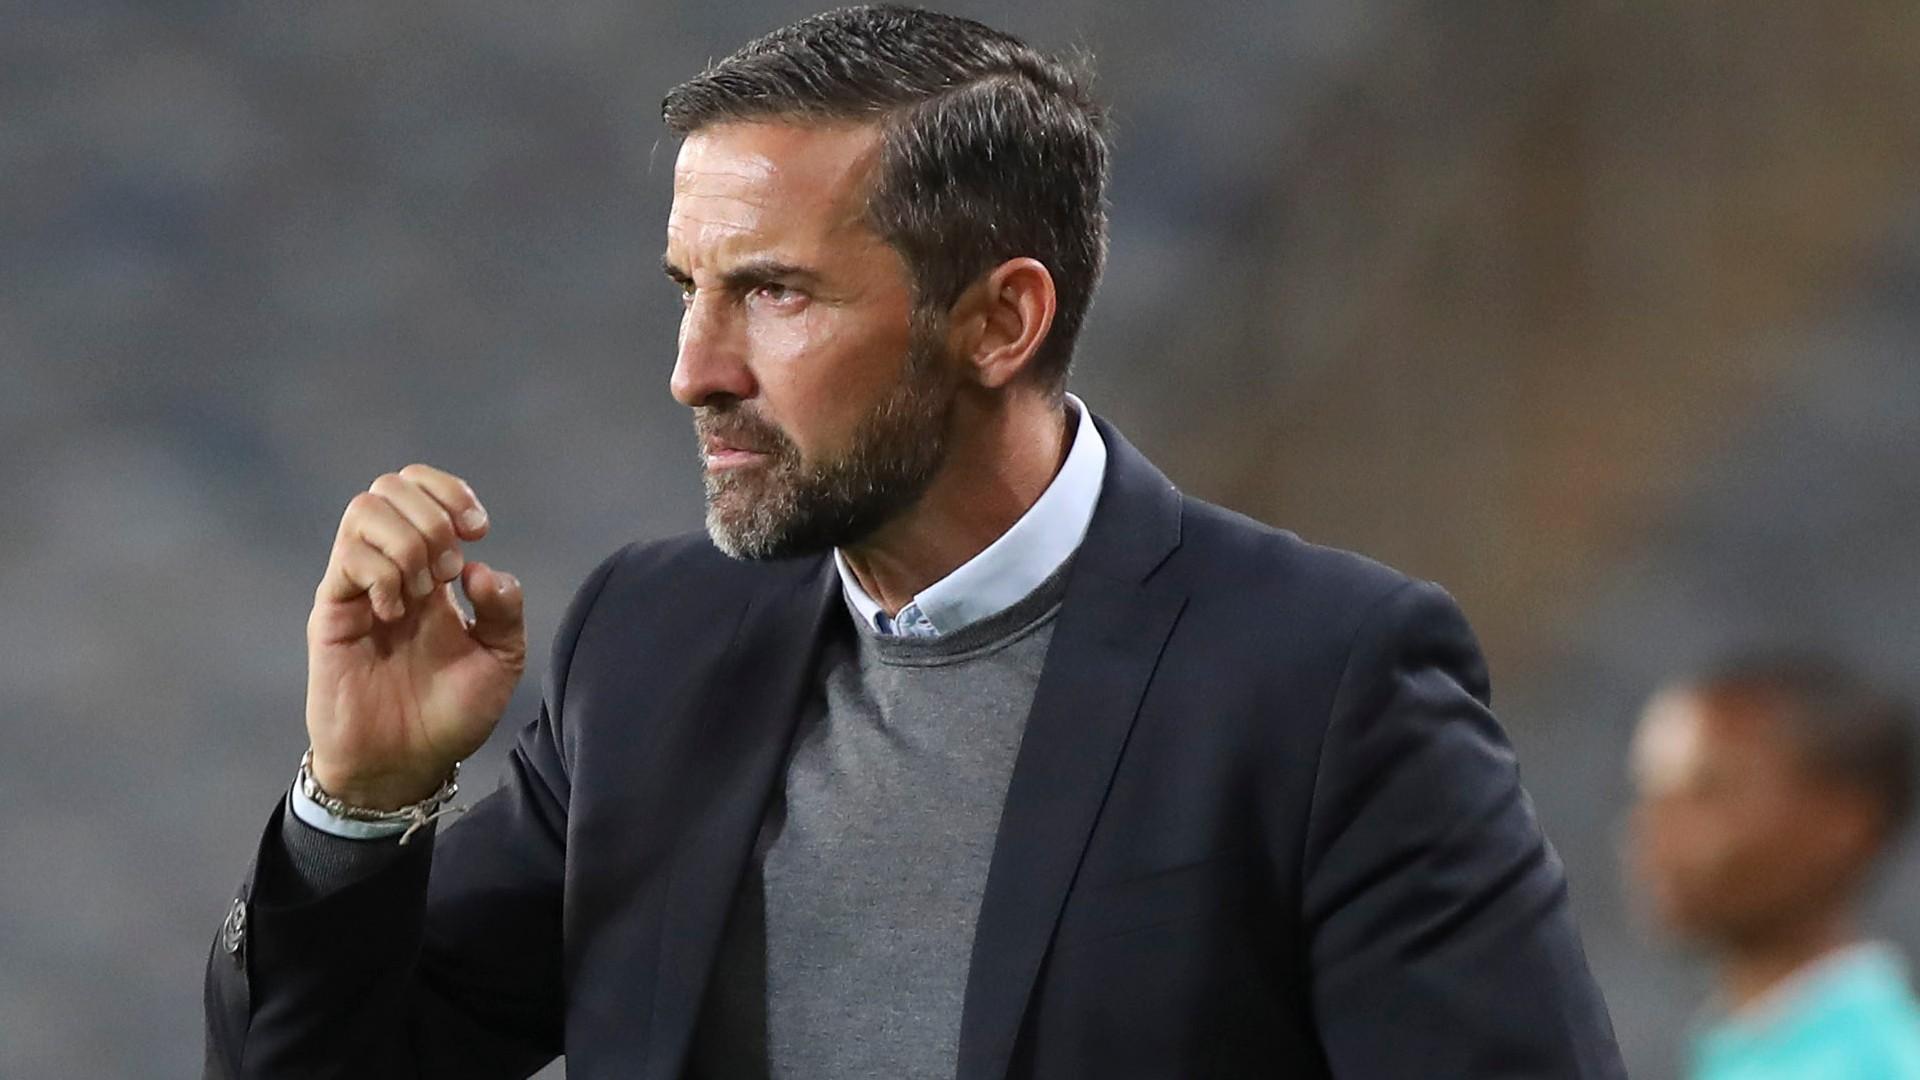 How Sagrada Esperanca made things difficult for Orlando Pirates - Zinnbauer